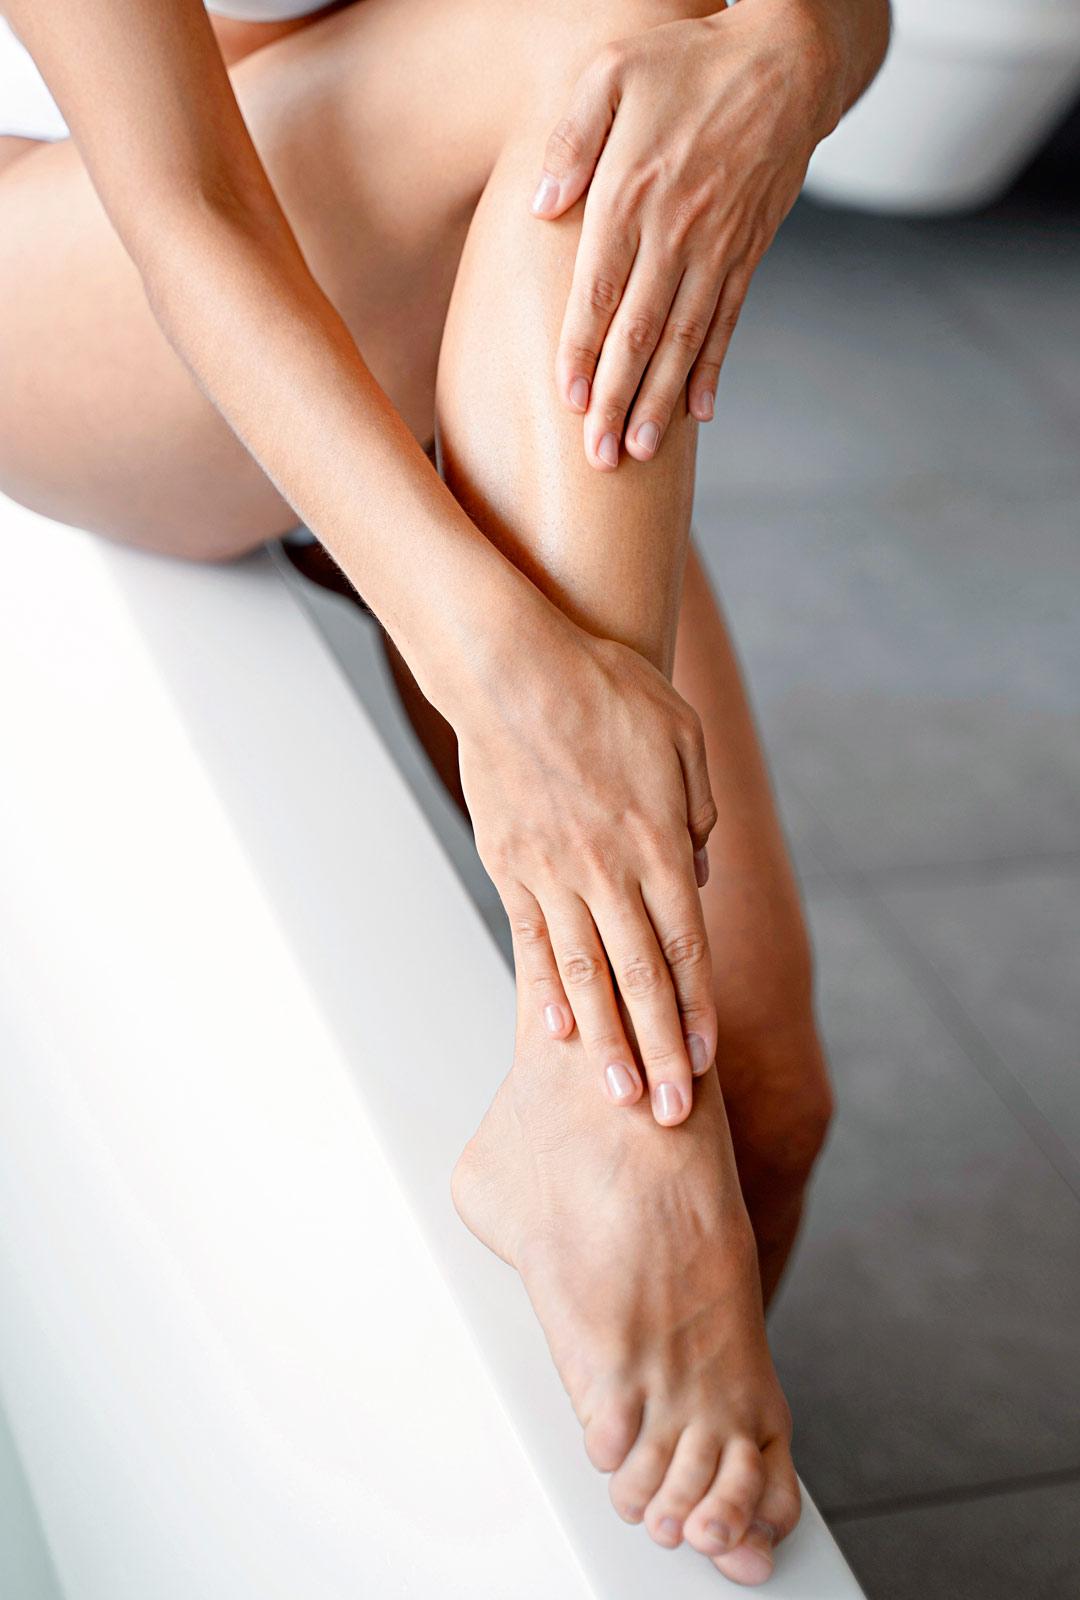 Hyvä perusvoide kosteuttaa talven kuivattamaa ihoa ja muodostaa sen pintaan kosteuden haihtumista estävän suojakalvon.